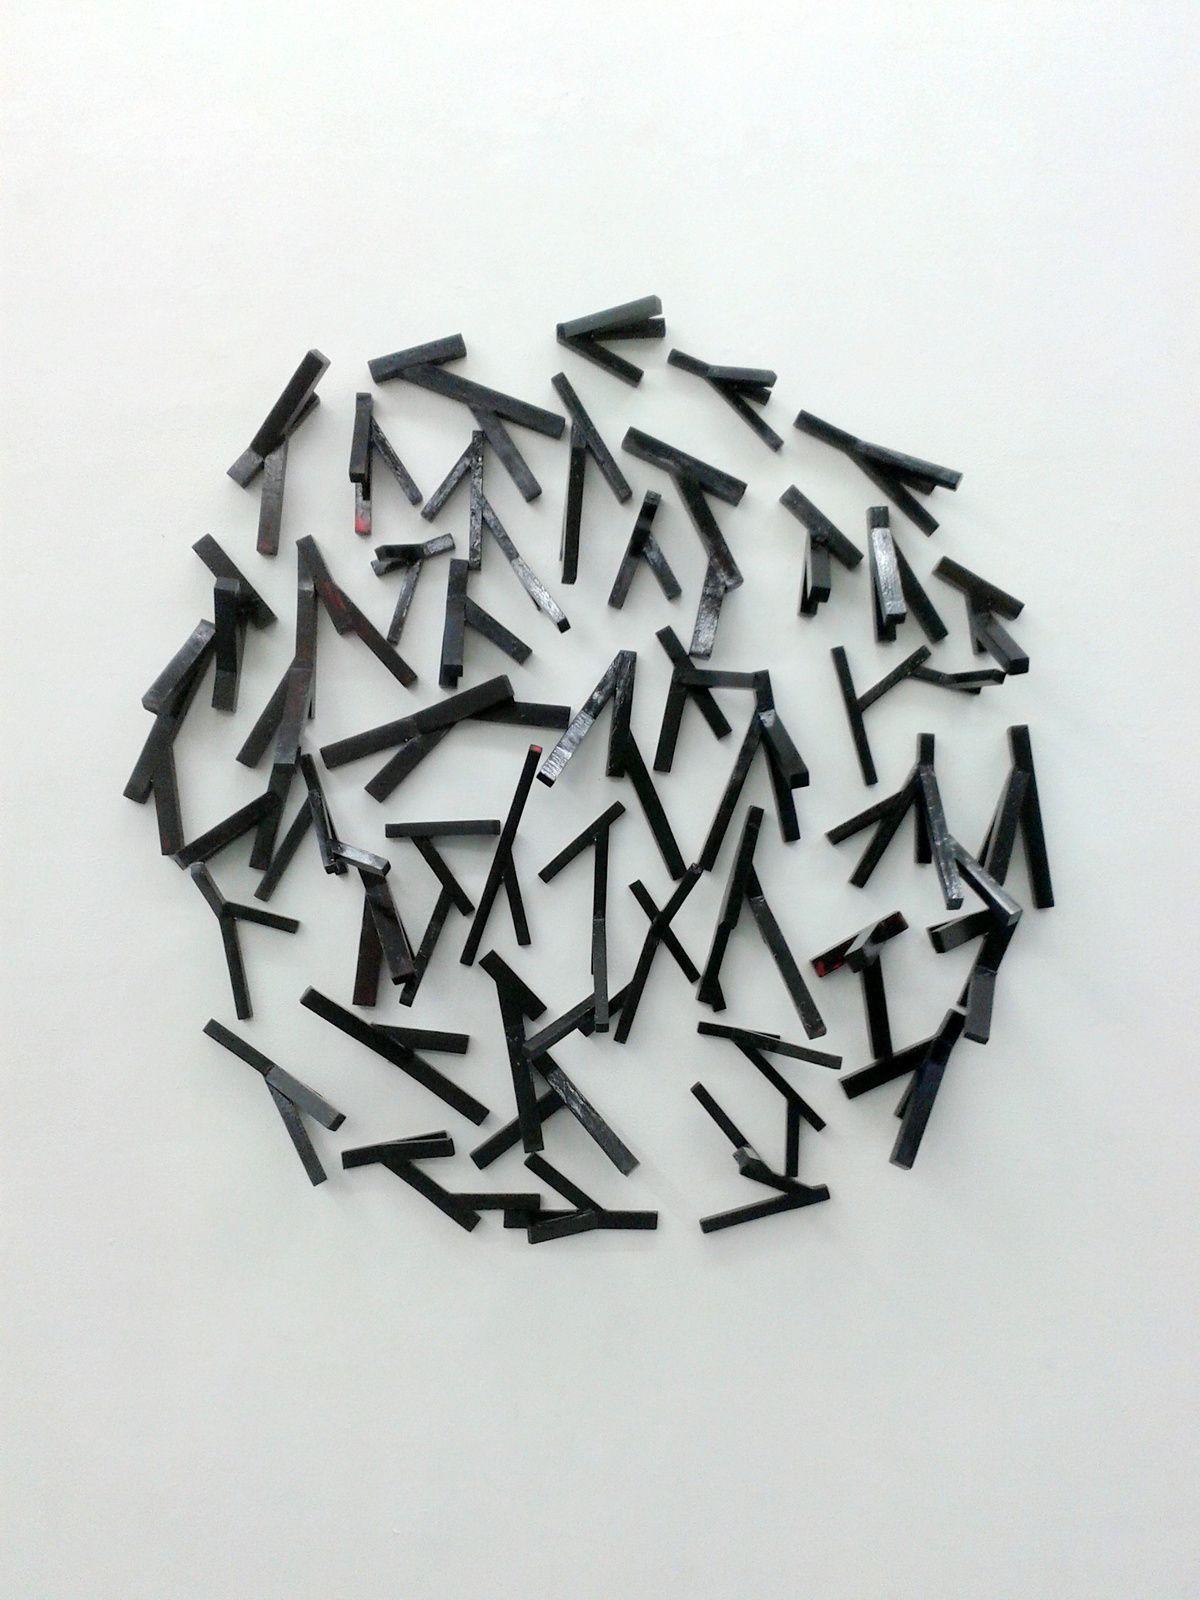 L'exploration de l'espace par la peinture : Côme Mosta-Heirt explore un dispositif inédit pour la galerie Immanence